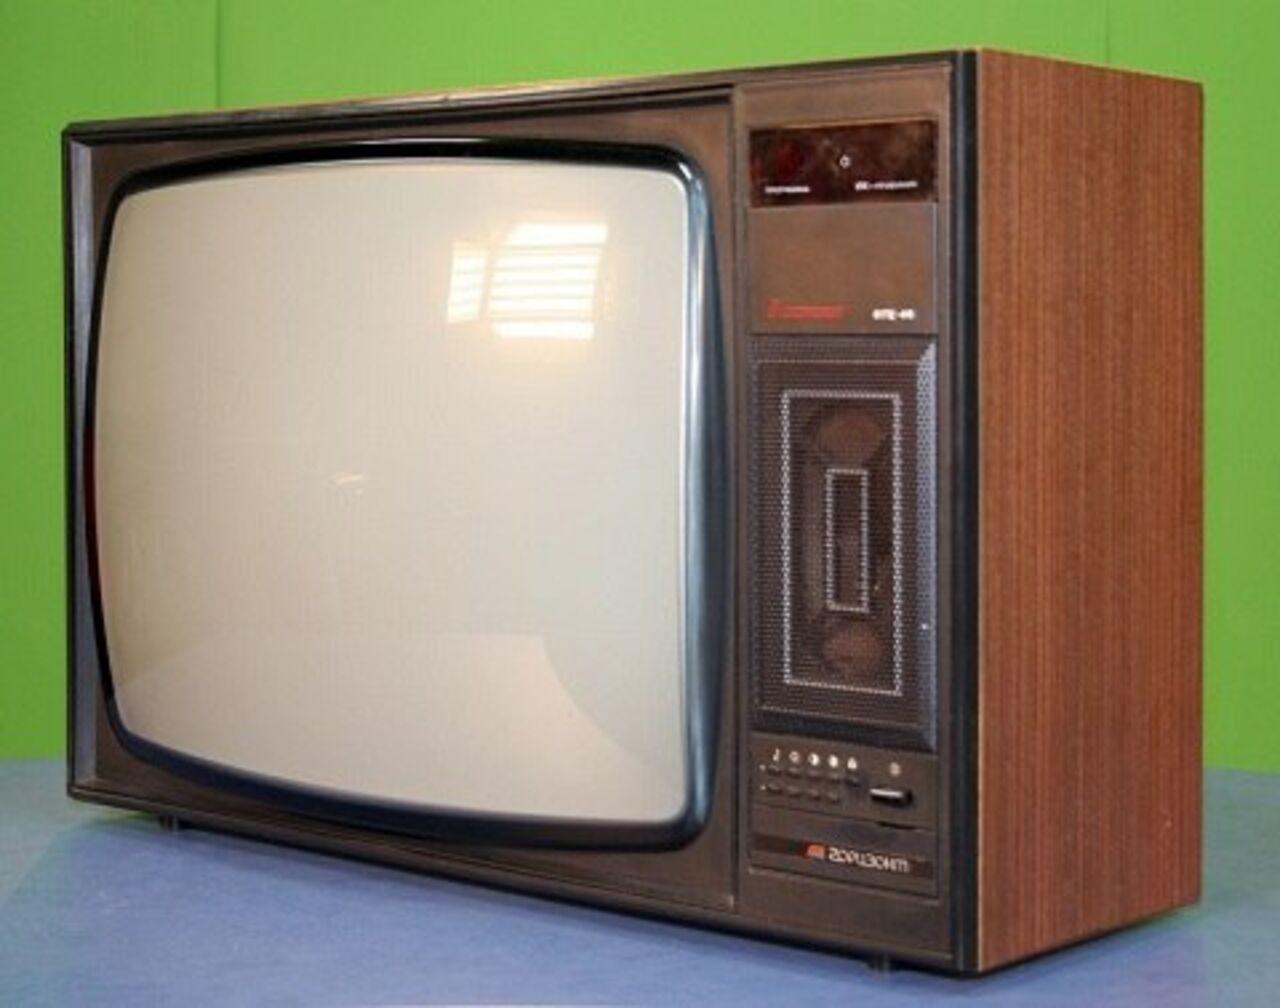 ВПодмосковье телевизор убил двухлетнюю девочку